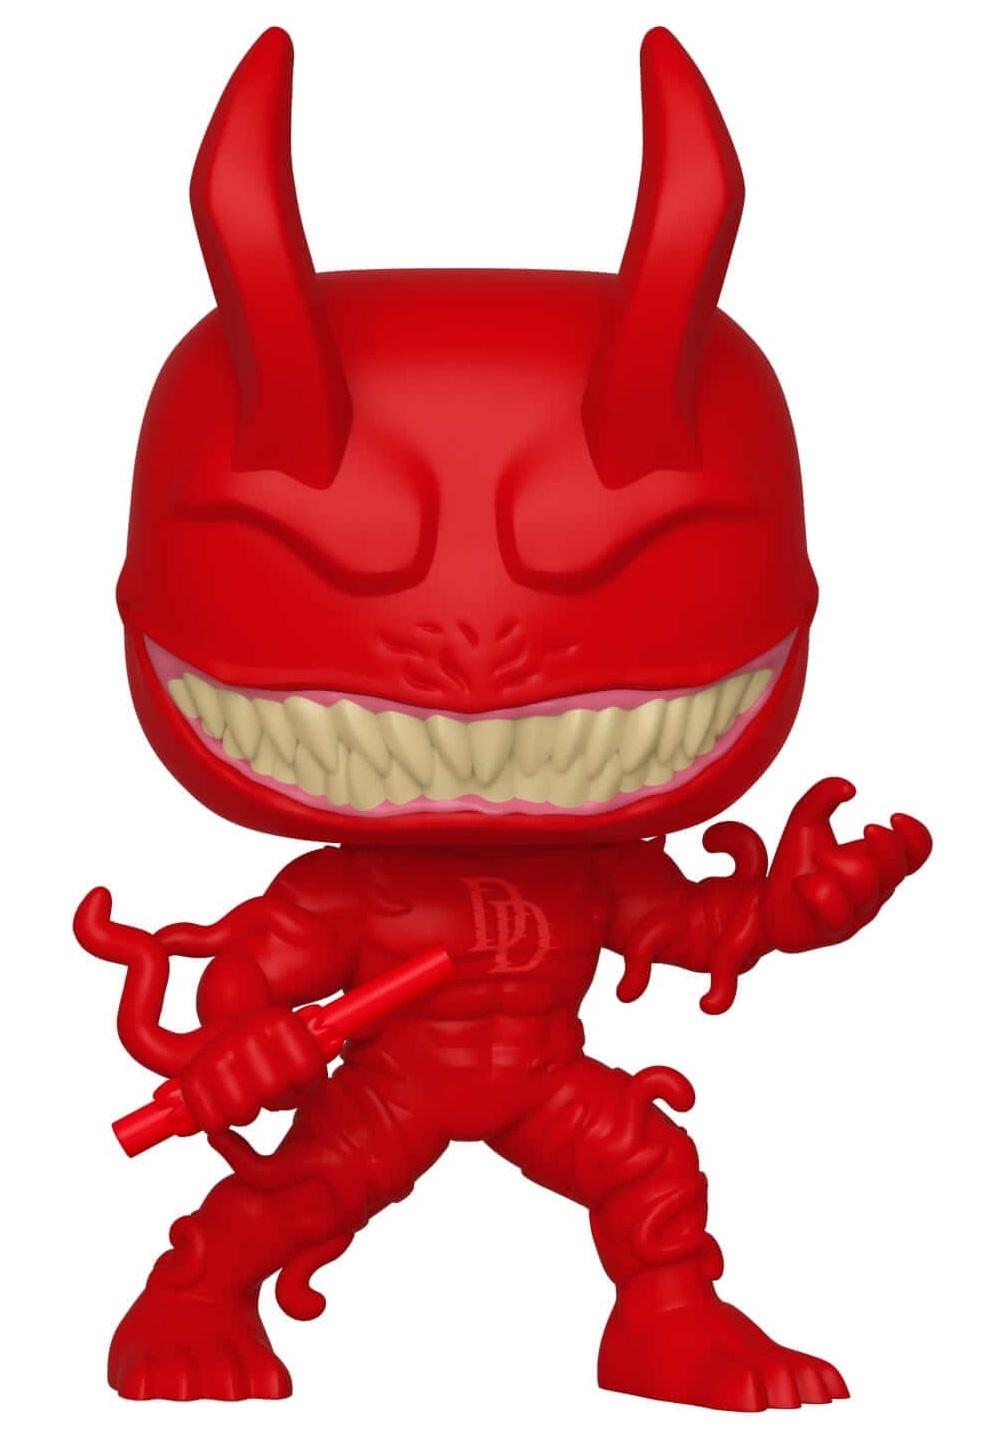 Marvel: Venomized Daredevil - Pop! Vinyl Figure image